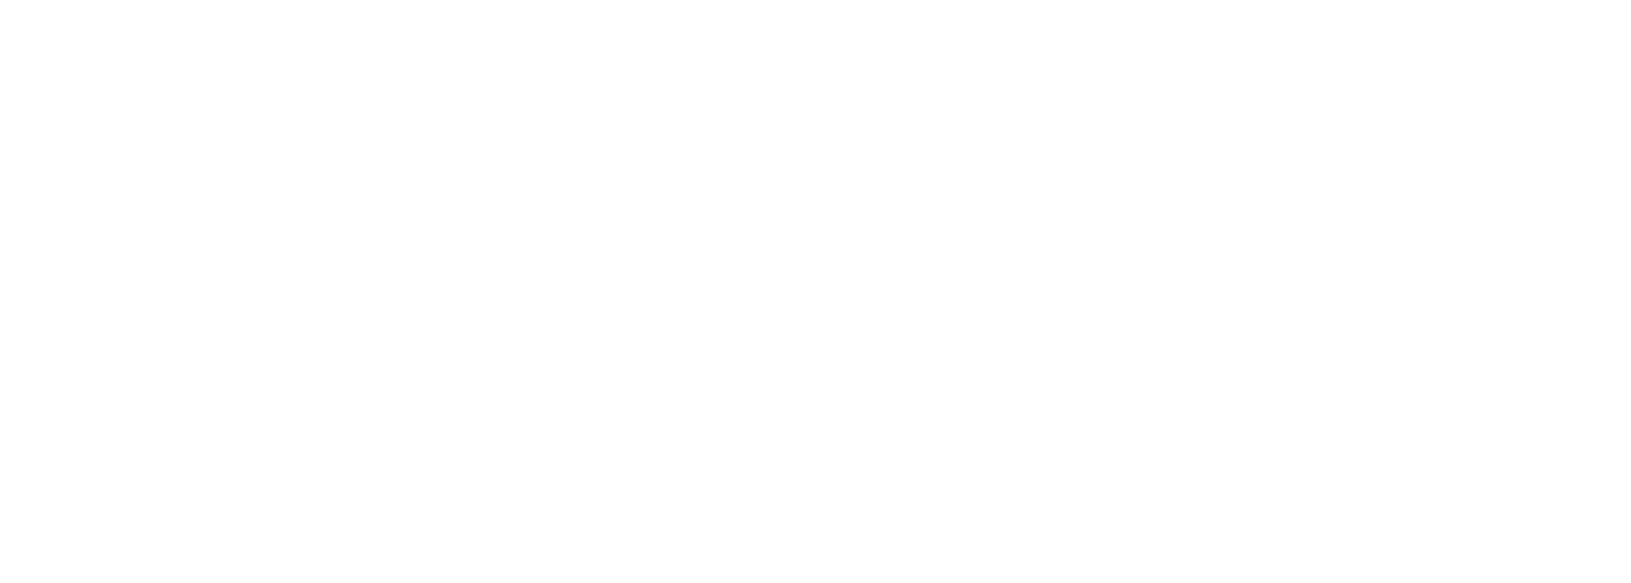 Mozaik Sahabat Wisata Travel | Umroh Murah Start Surabaya | Paket Umroh Hemat | Umroh Surabaya | Pesona Sahabat Wisata Mozaik